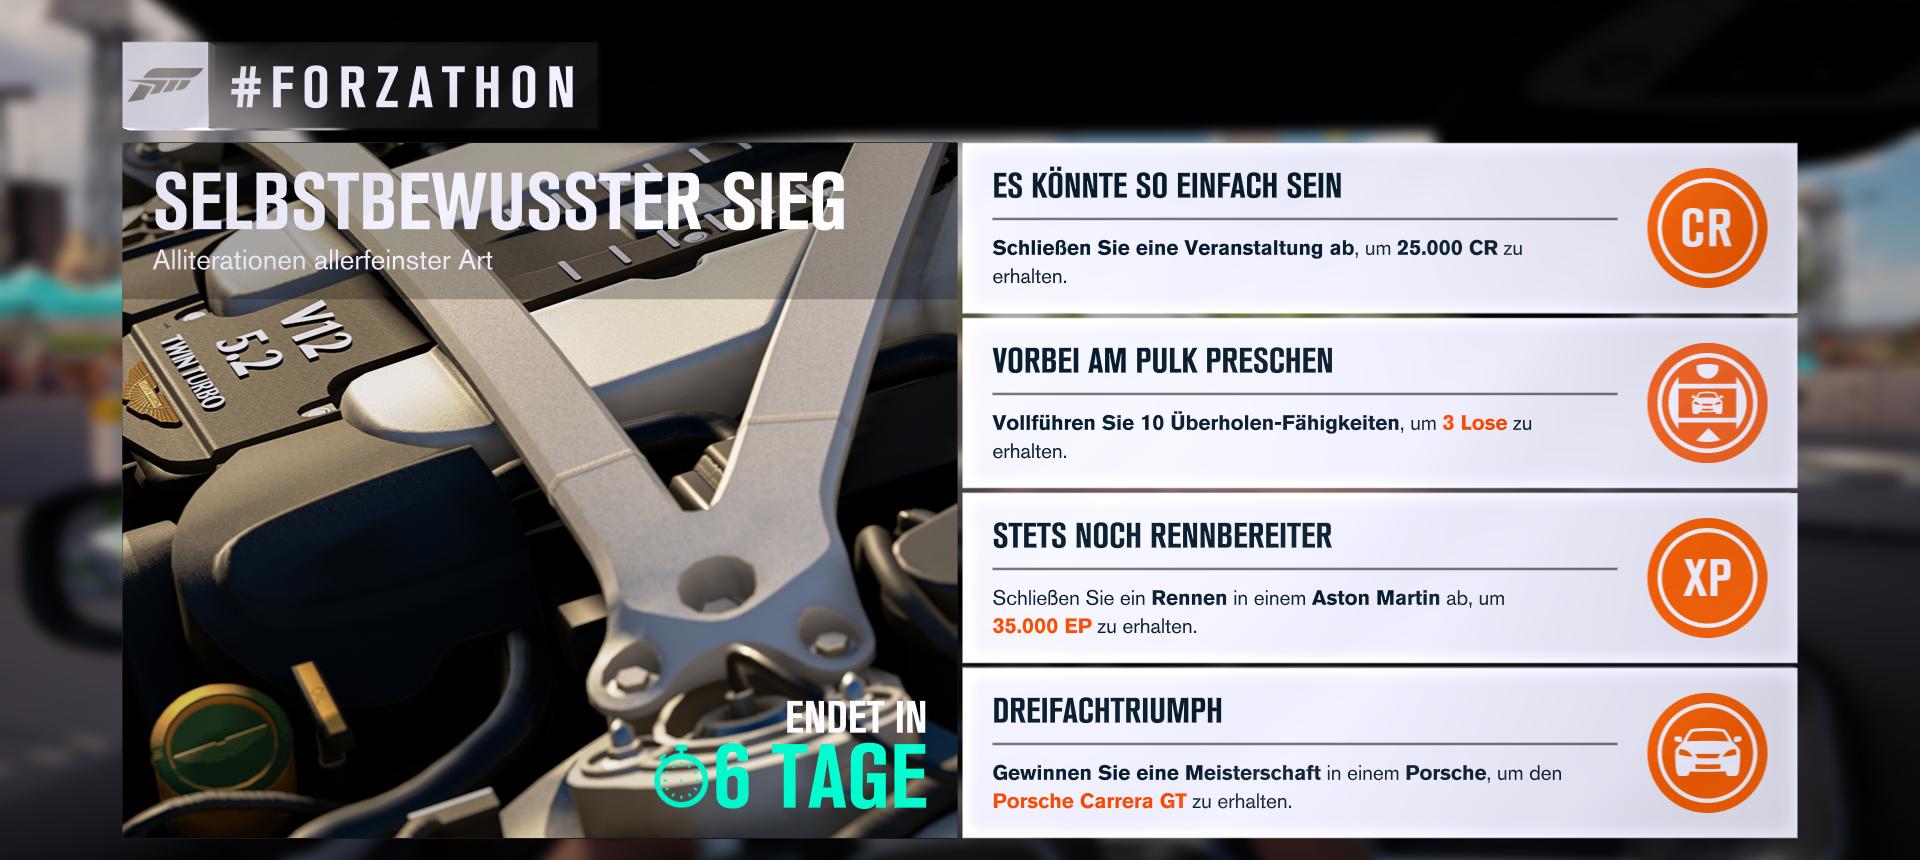 Forza Horizon 3 Forzathon KW 24 Selbstbewusster Sieg